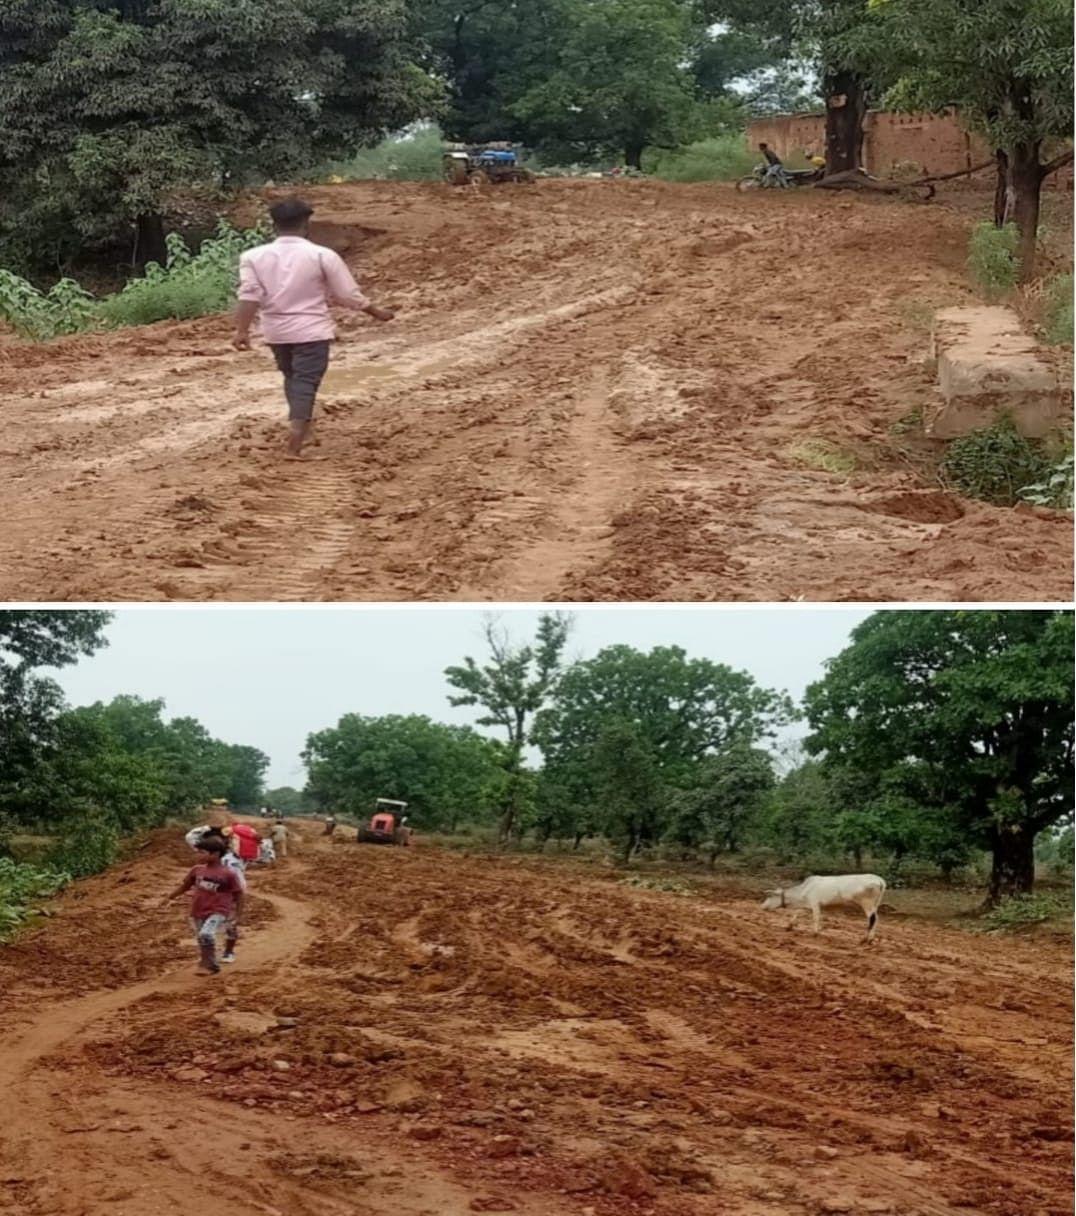 कोरबा : बारिश से पाली- पोड़ी होते हुए सिल्ली तक निर्माणाधीन सड़कमार्ग हुआ कीचड़ से सराबोर, पैदल चलना भी हुआ दूभर, सड़क की हालत पर जमकर नाराज हुए क्षेत्रीय विधायक केरकेट्टा